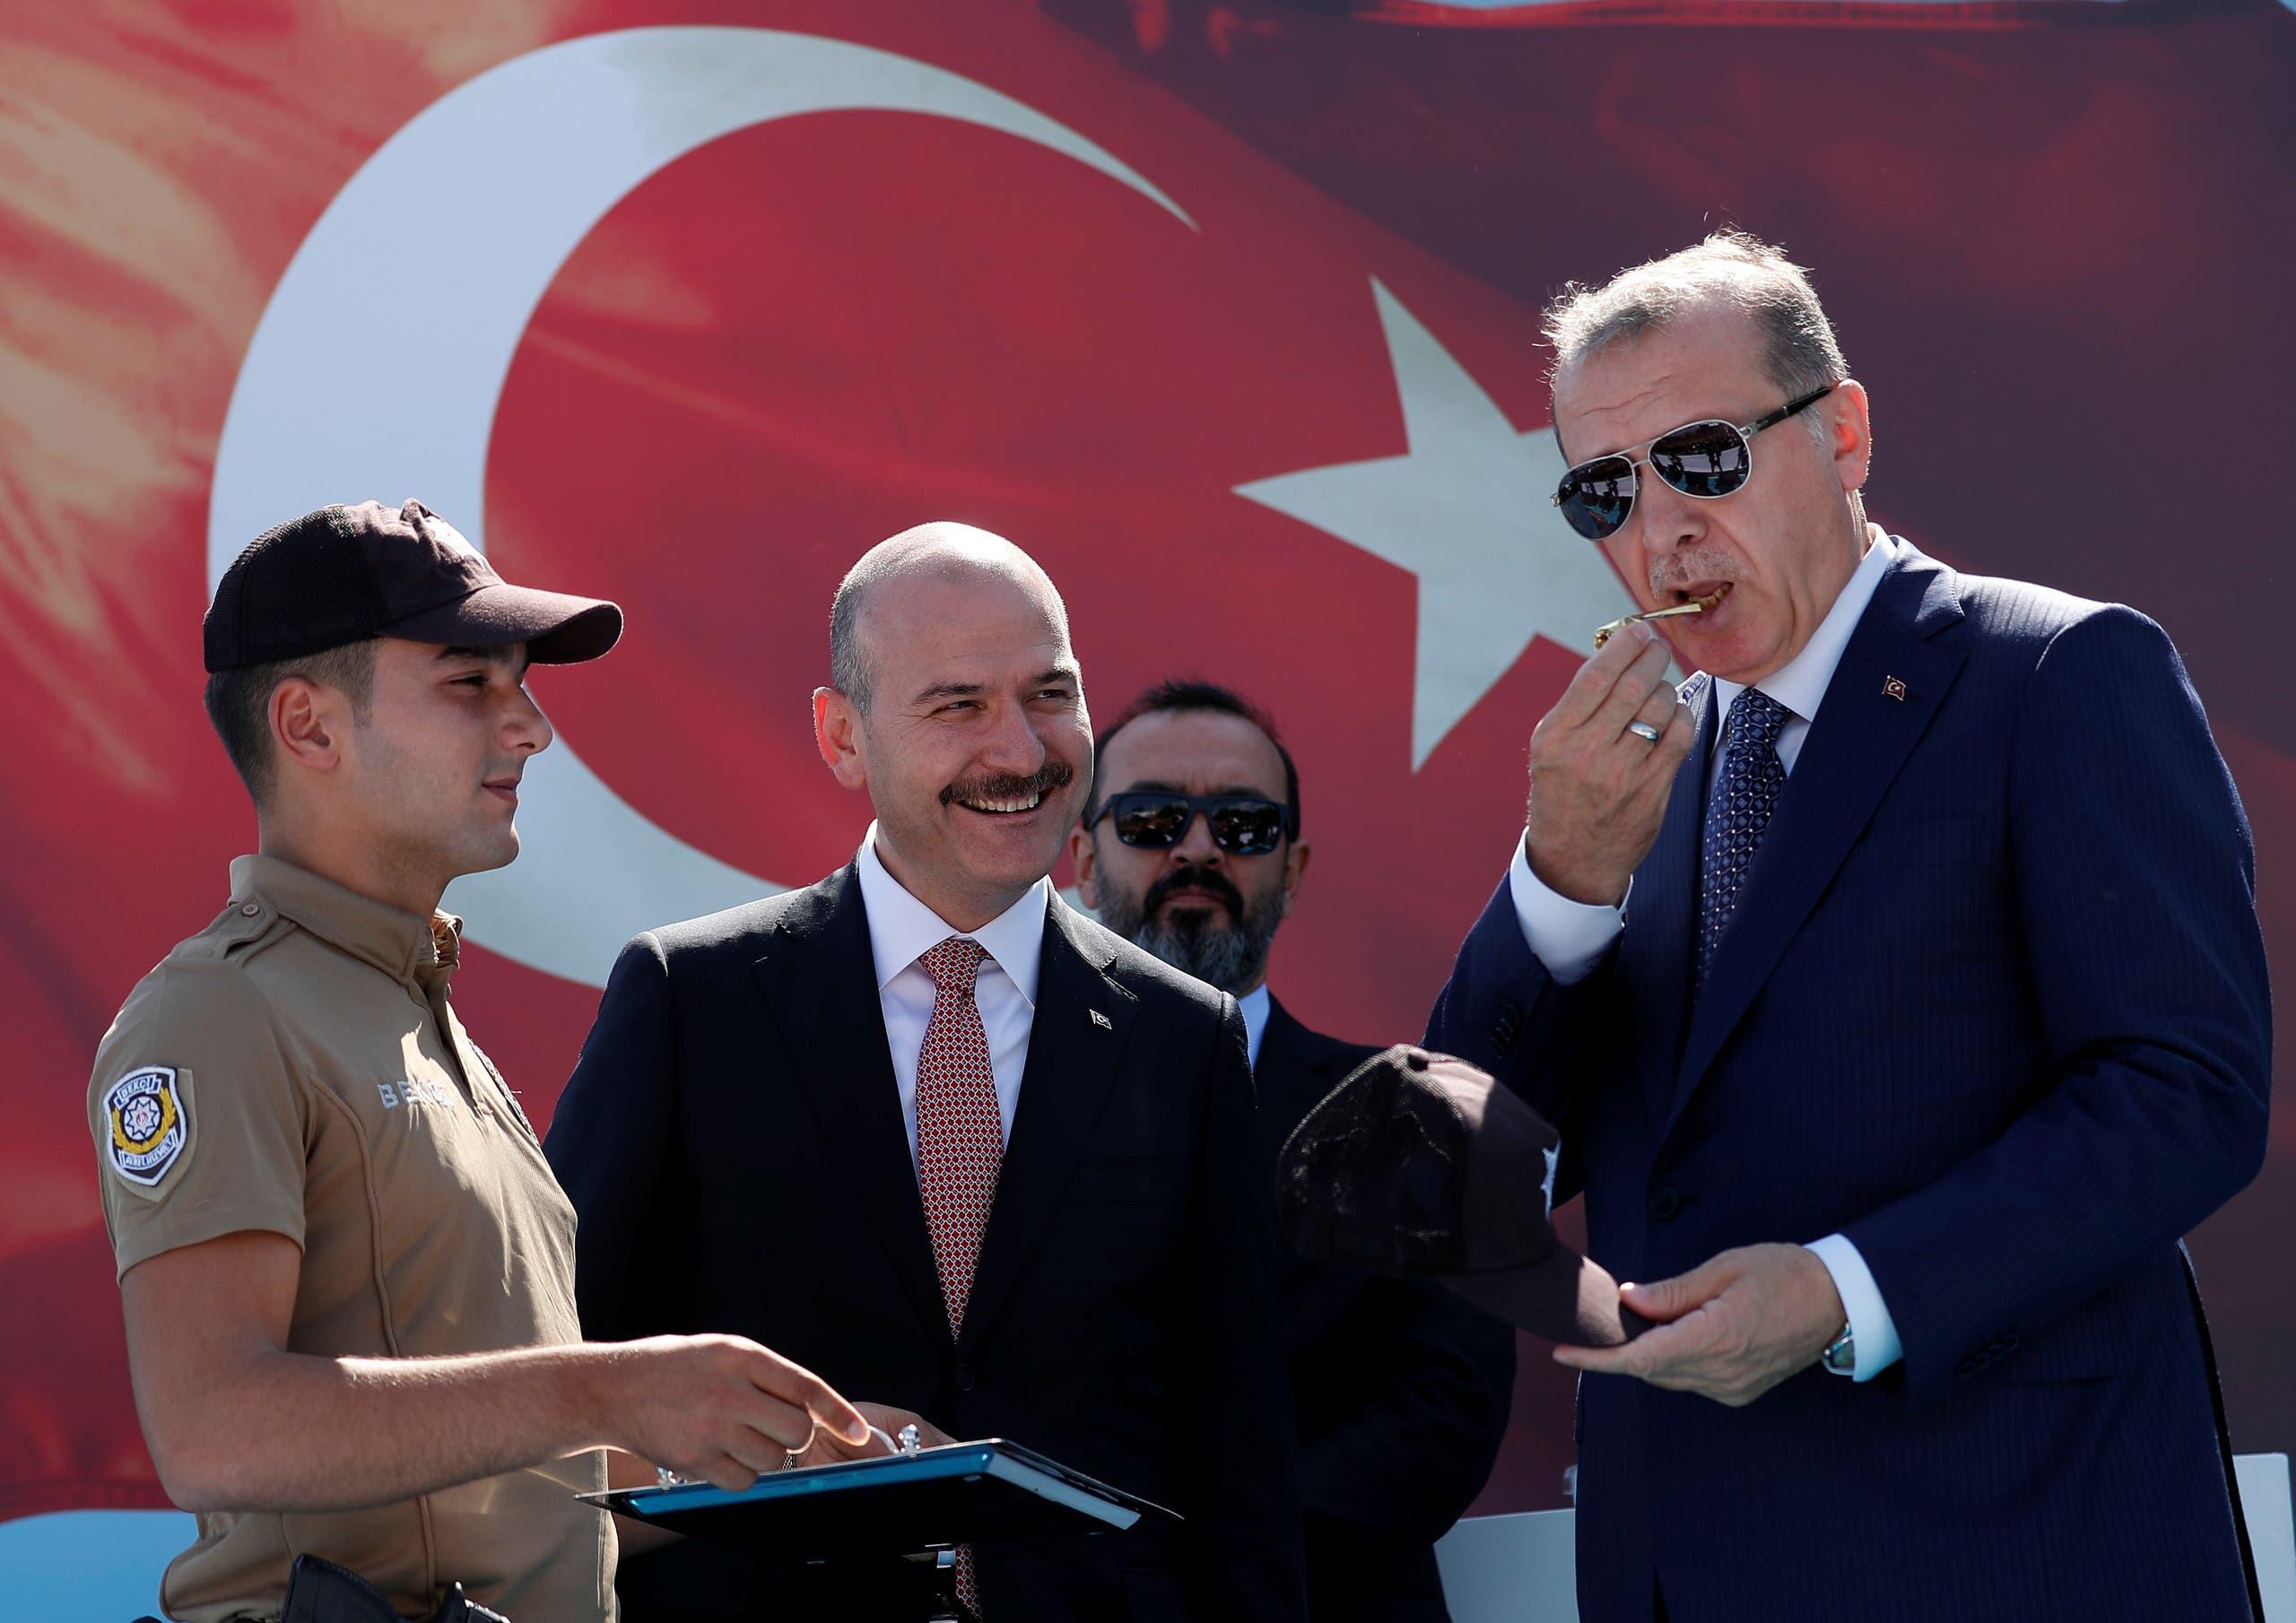 وزير الداخلية التركي سليمان صويلو مع الرئيس التركي رجب طيب أردوغان (أرشيفية- رويترز)